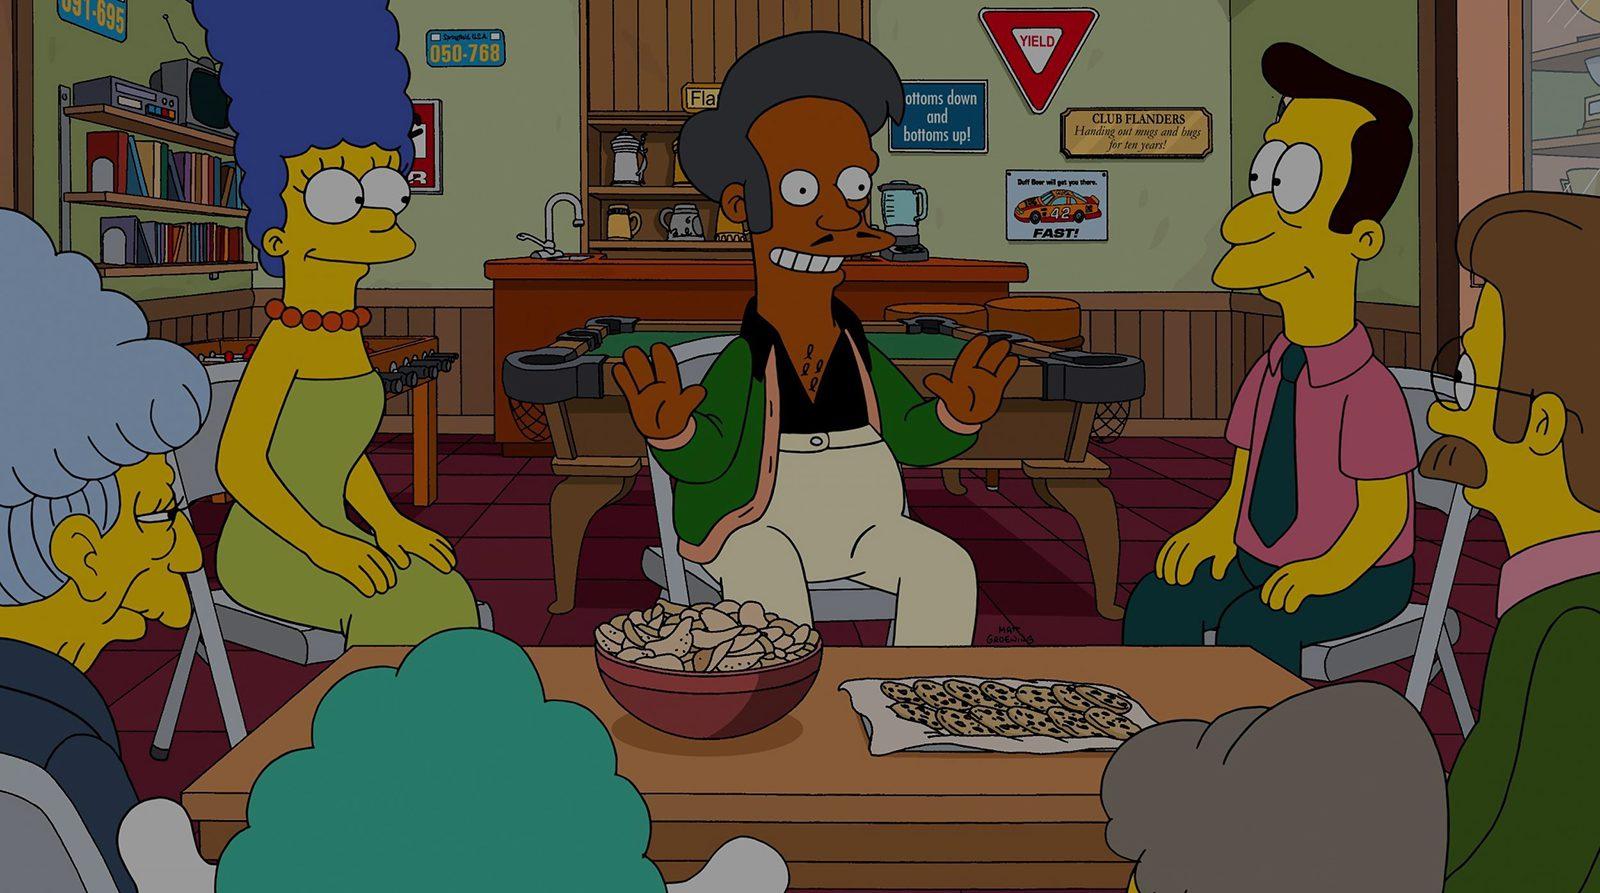 A Simpsons story: l'histoire d'Apu